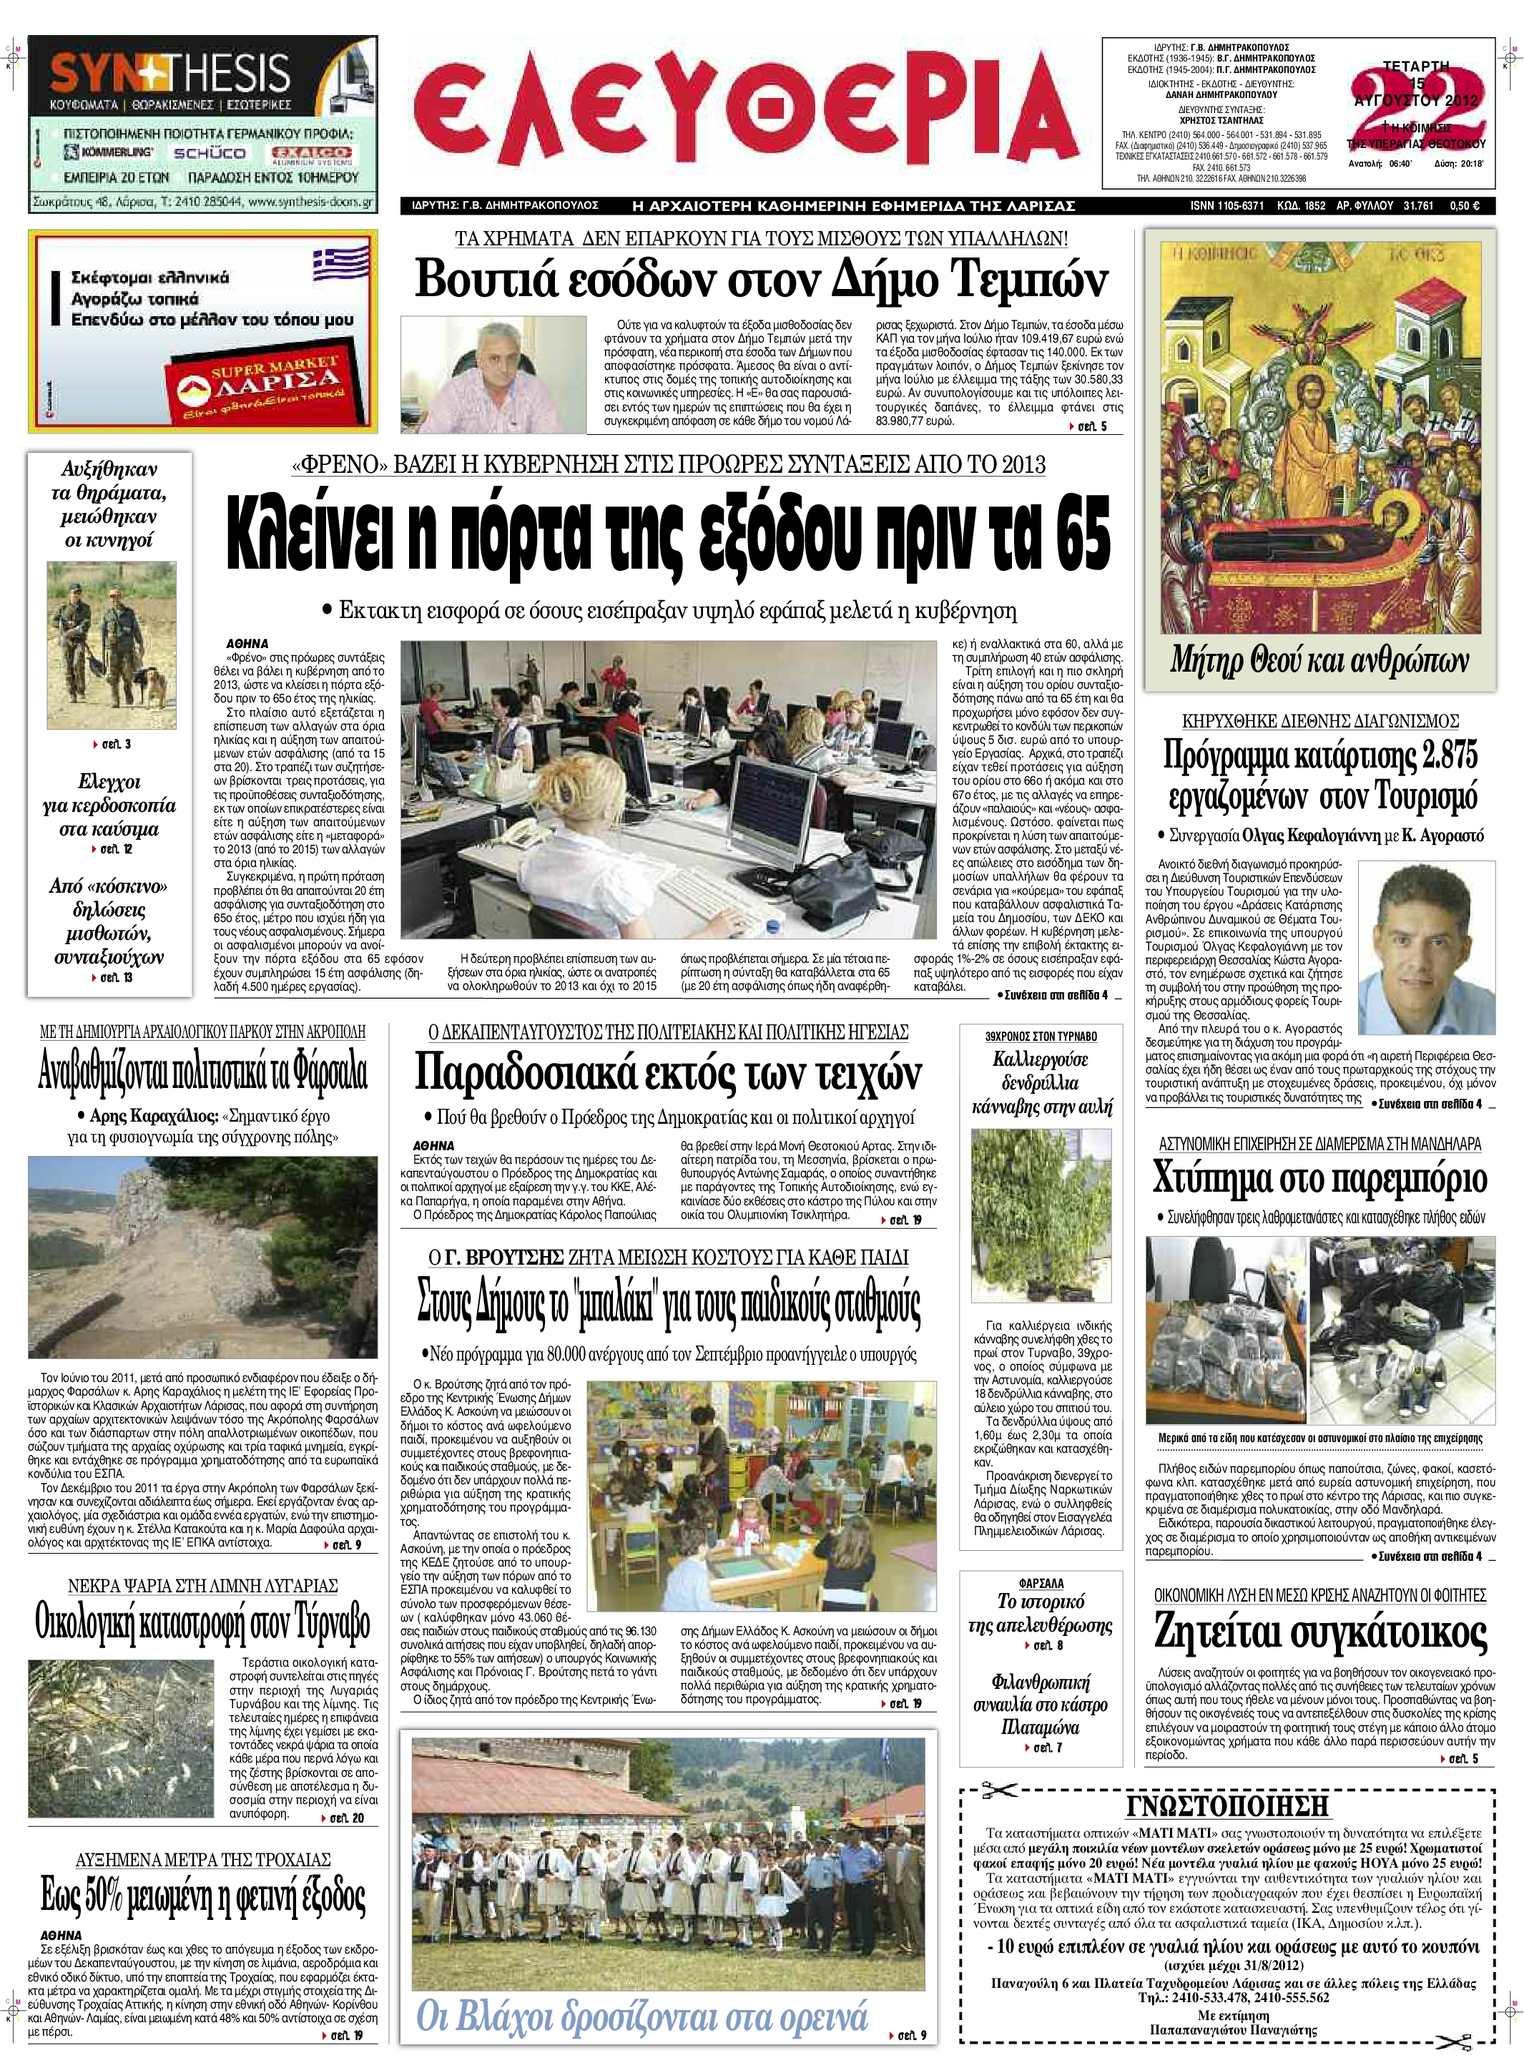 Calaméo - Eleftheria.gr 15 08 2012 53ba2bb6ba1